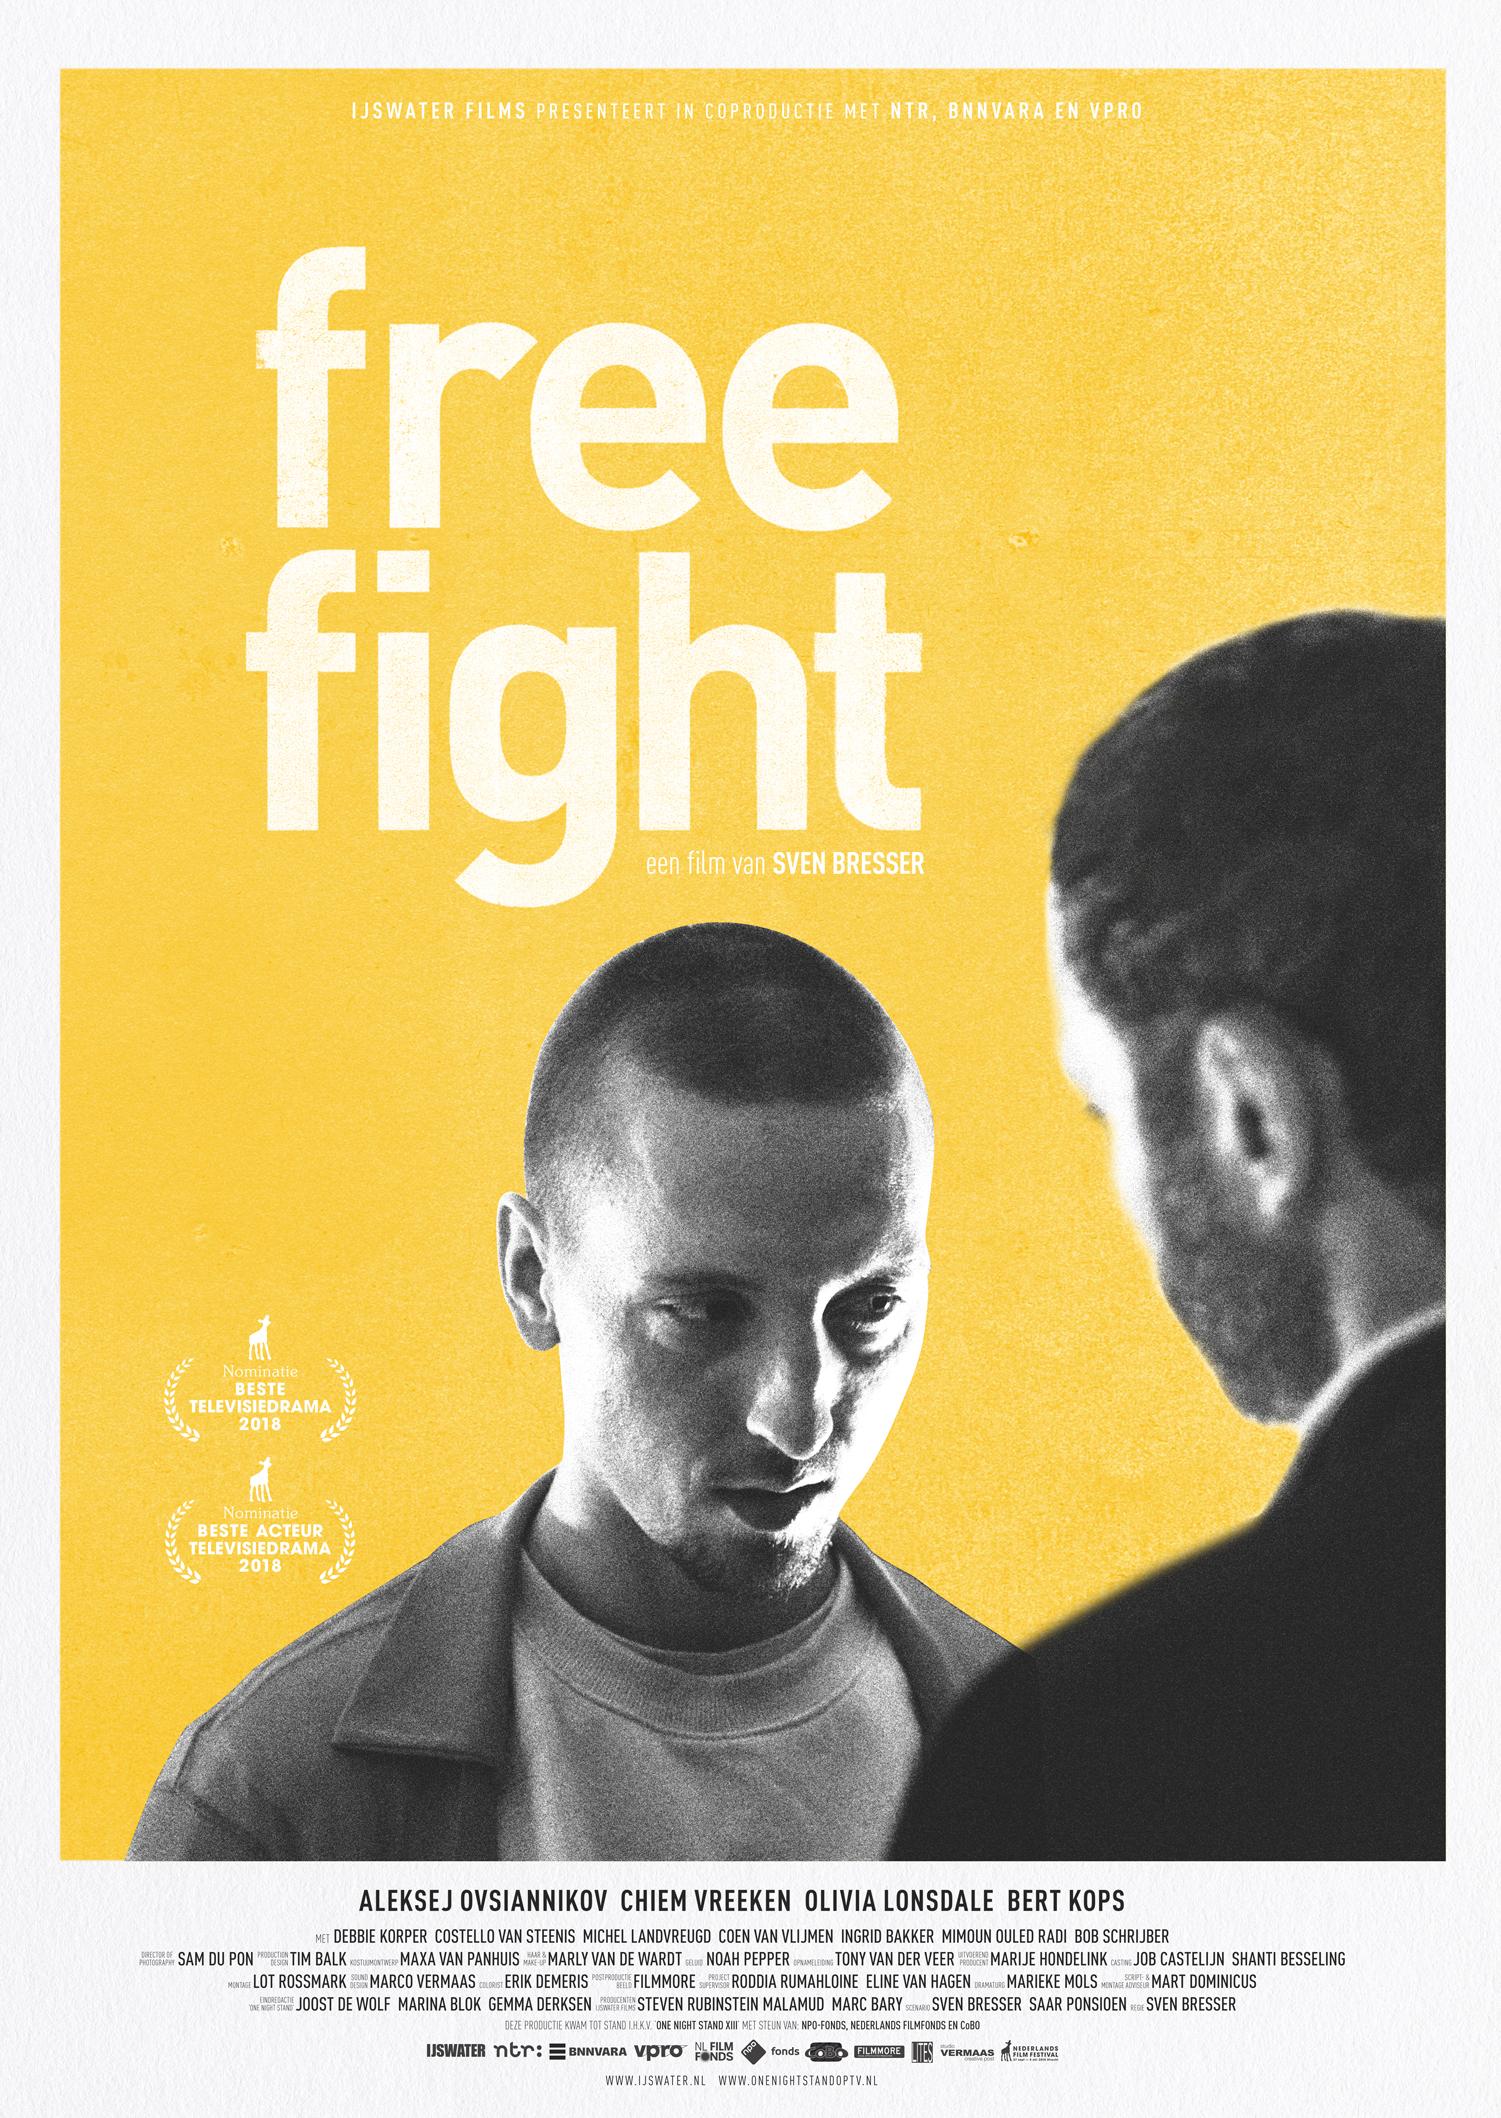 Het filmaffiche van FREE FIGHT